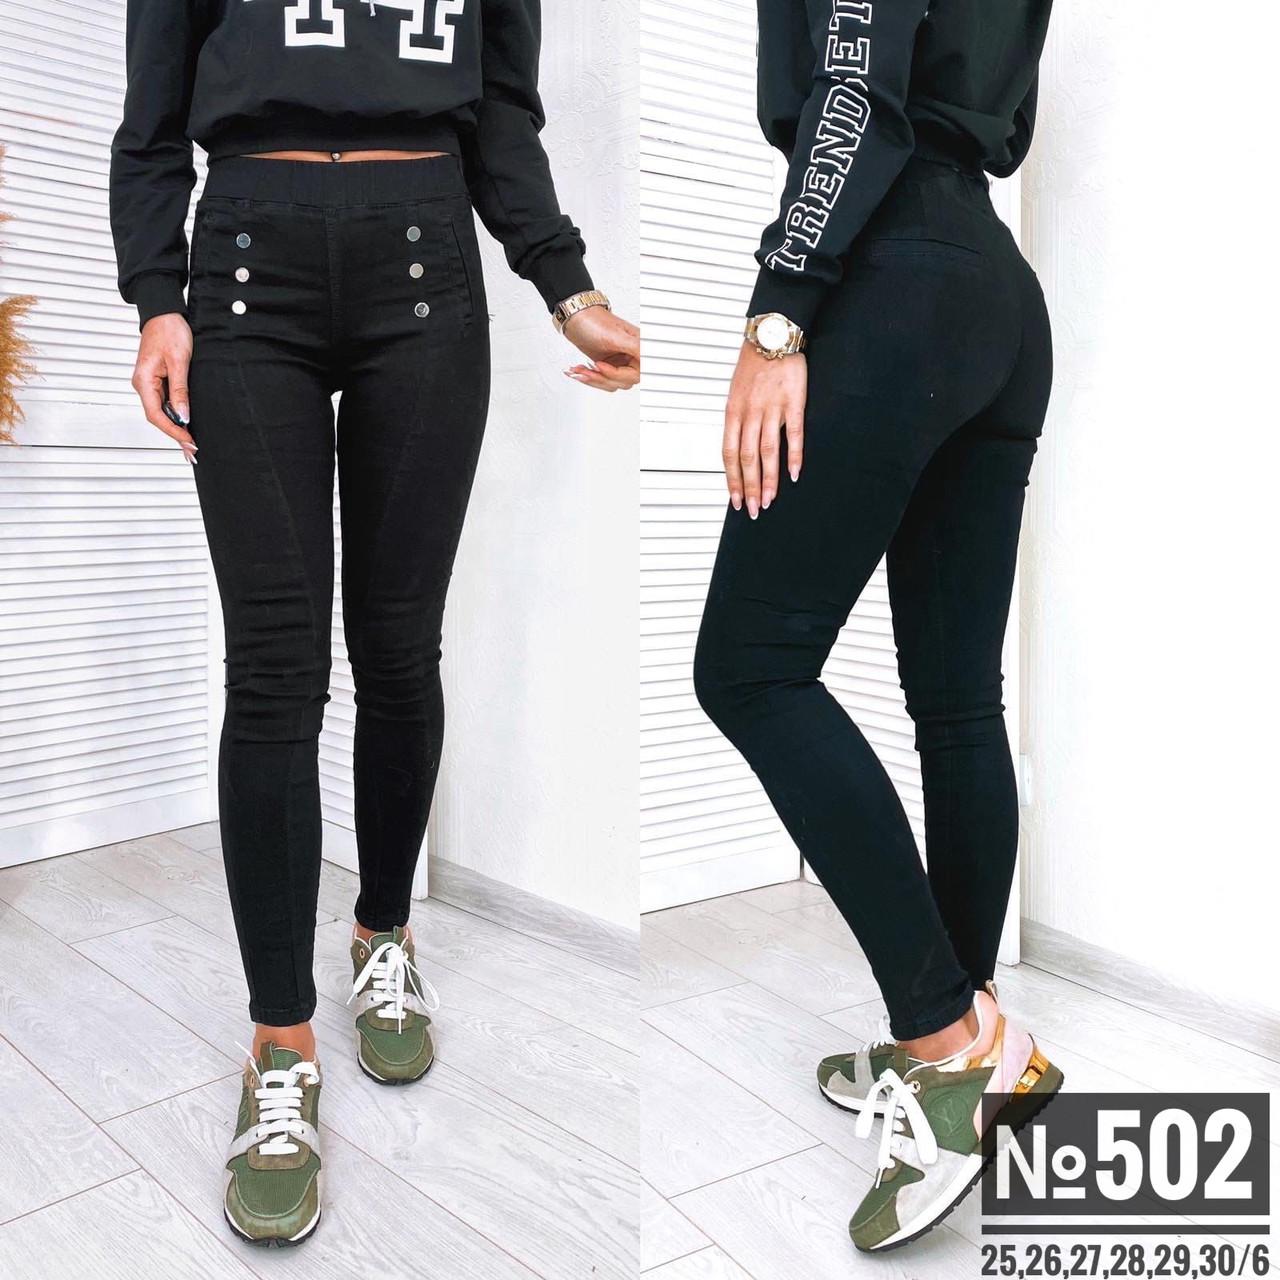 Черные женские джинсы на резинке оптом